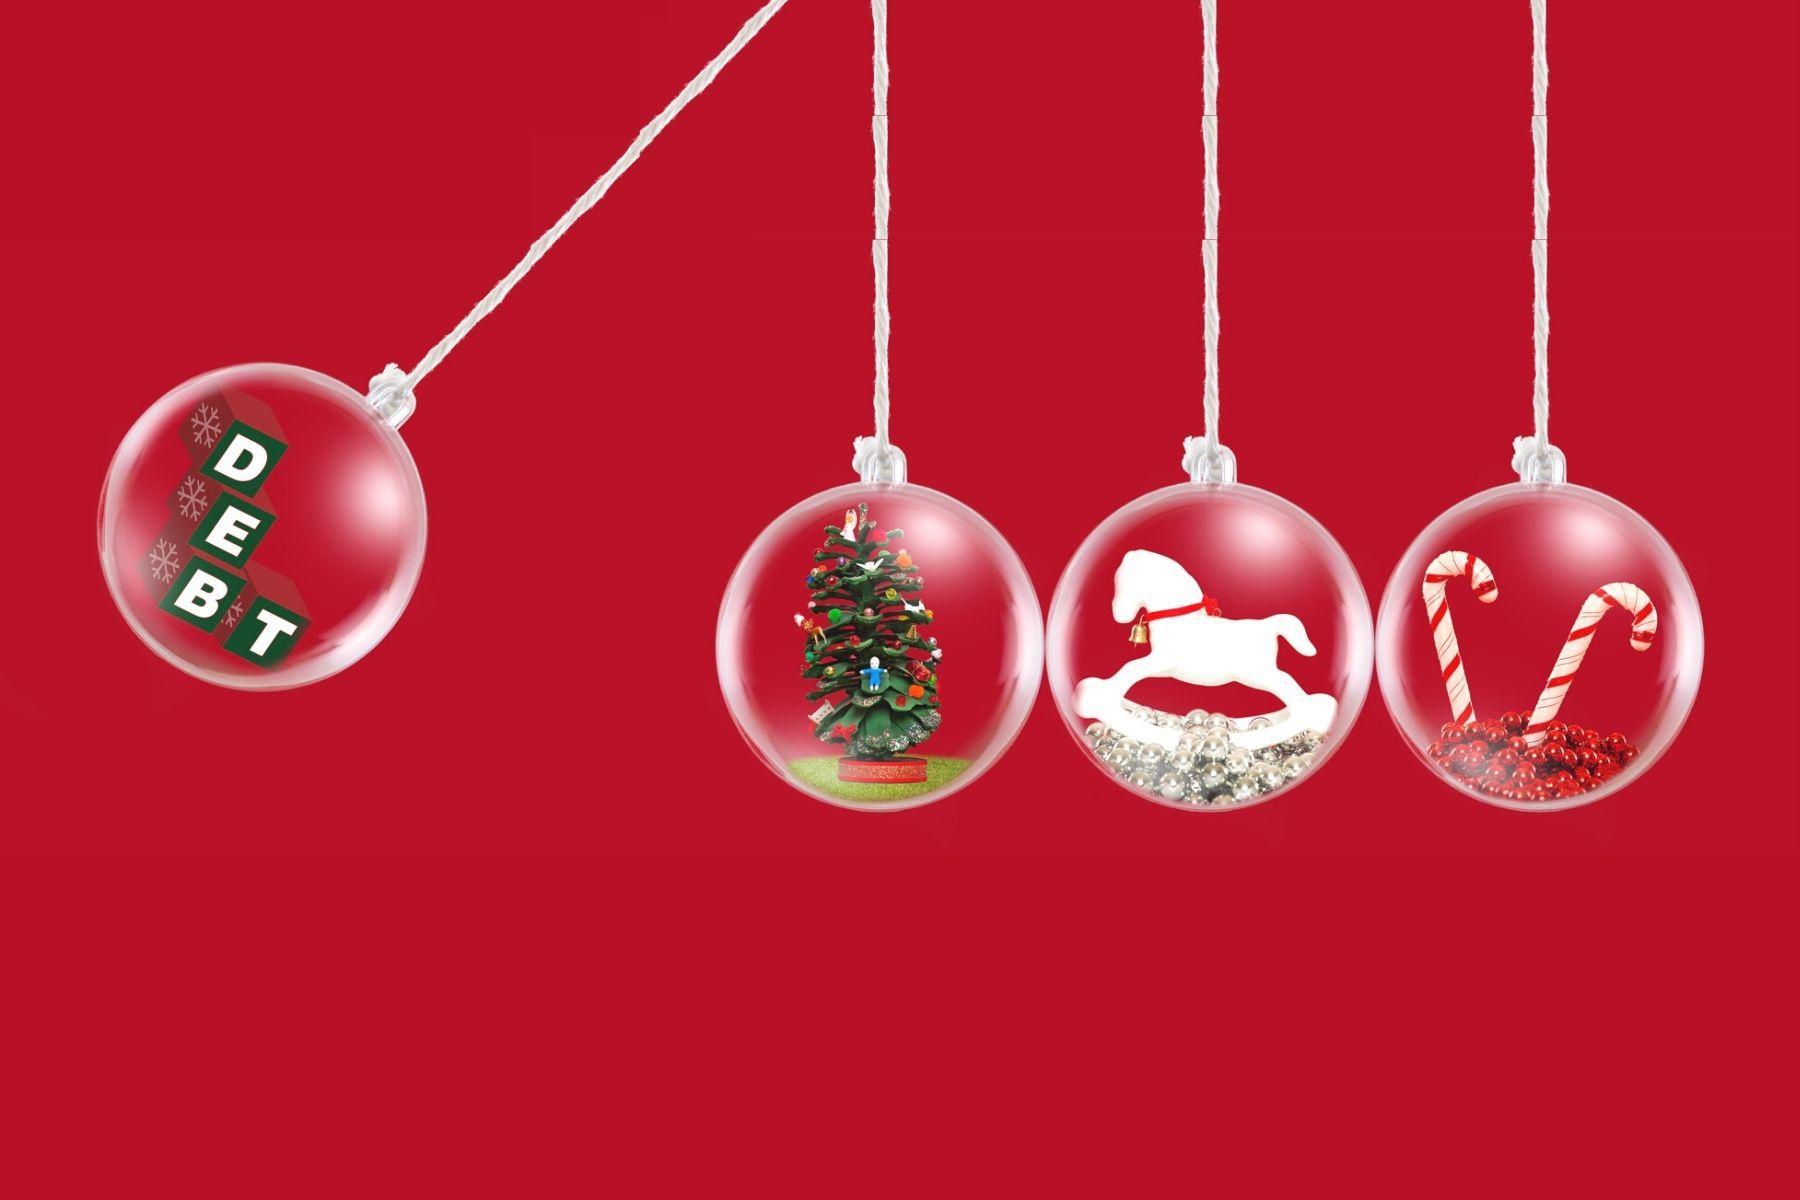 avoid-debt-hangover-christmas-budgeting-main